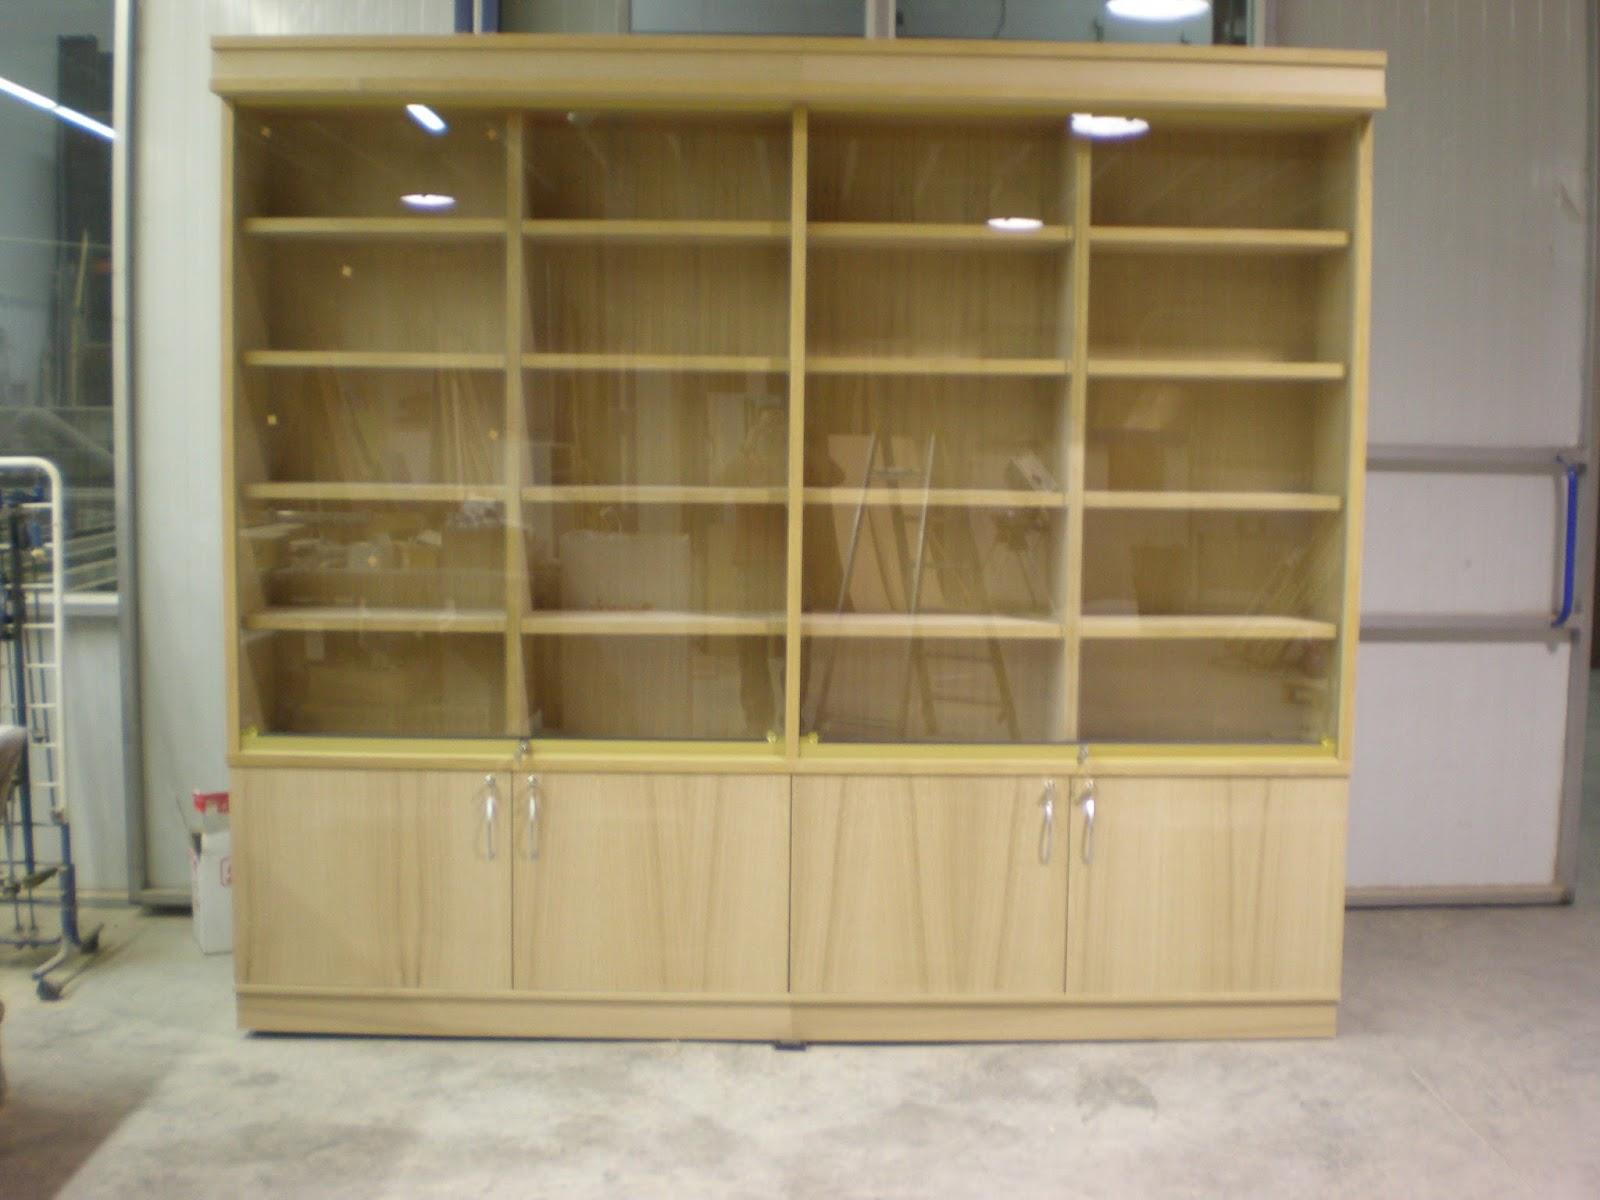 Fabricaci n de muebles a medida carpintero granada web for Fabricacion de muebles mdf